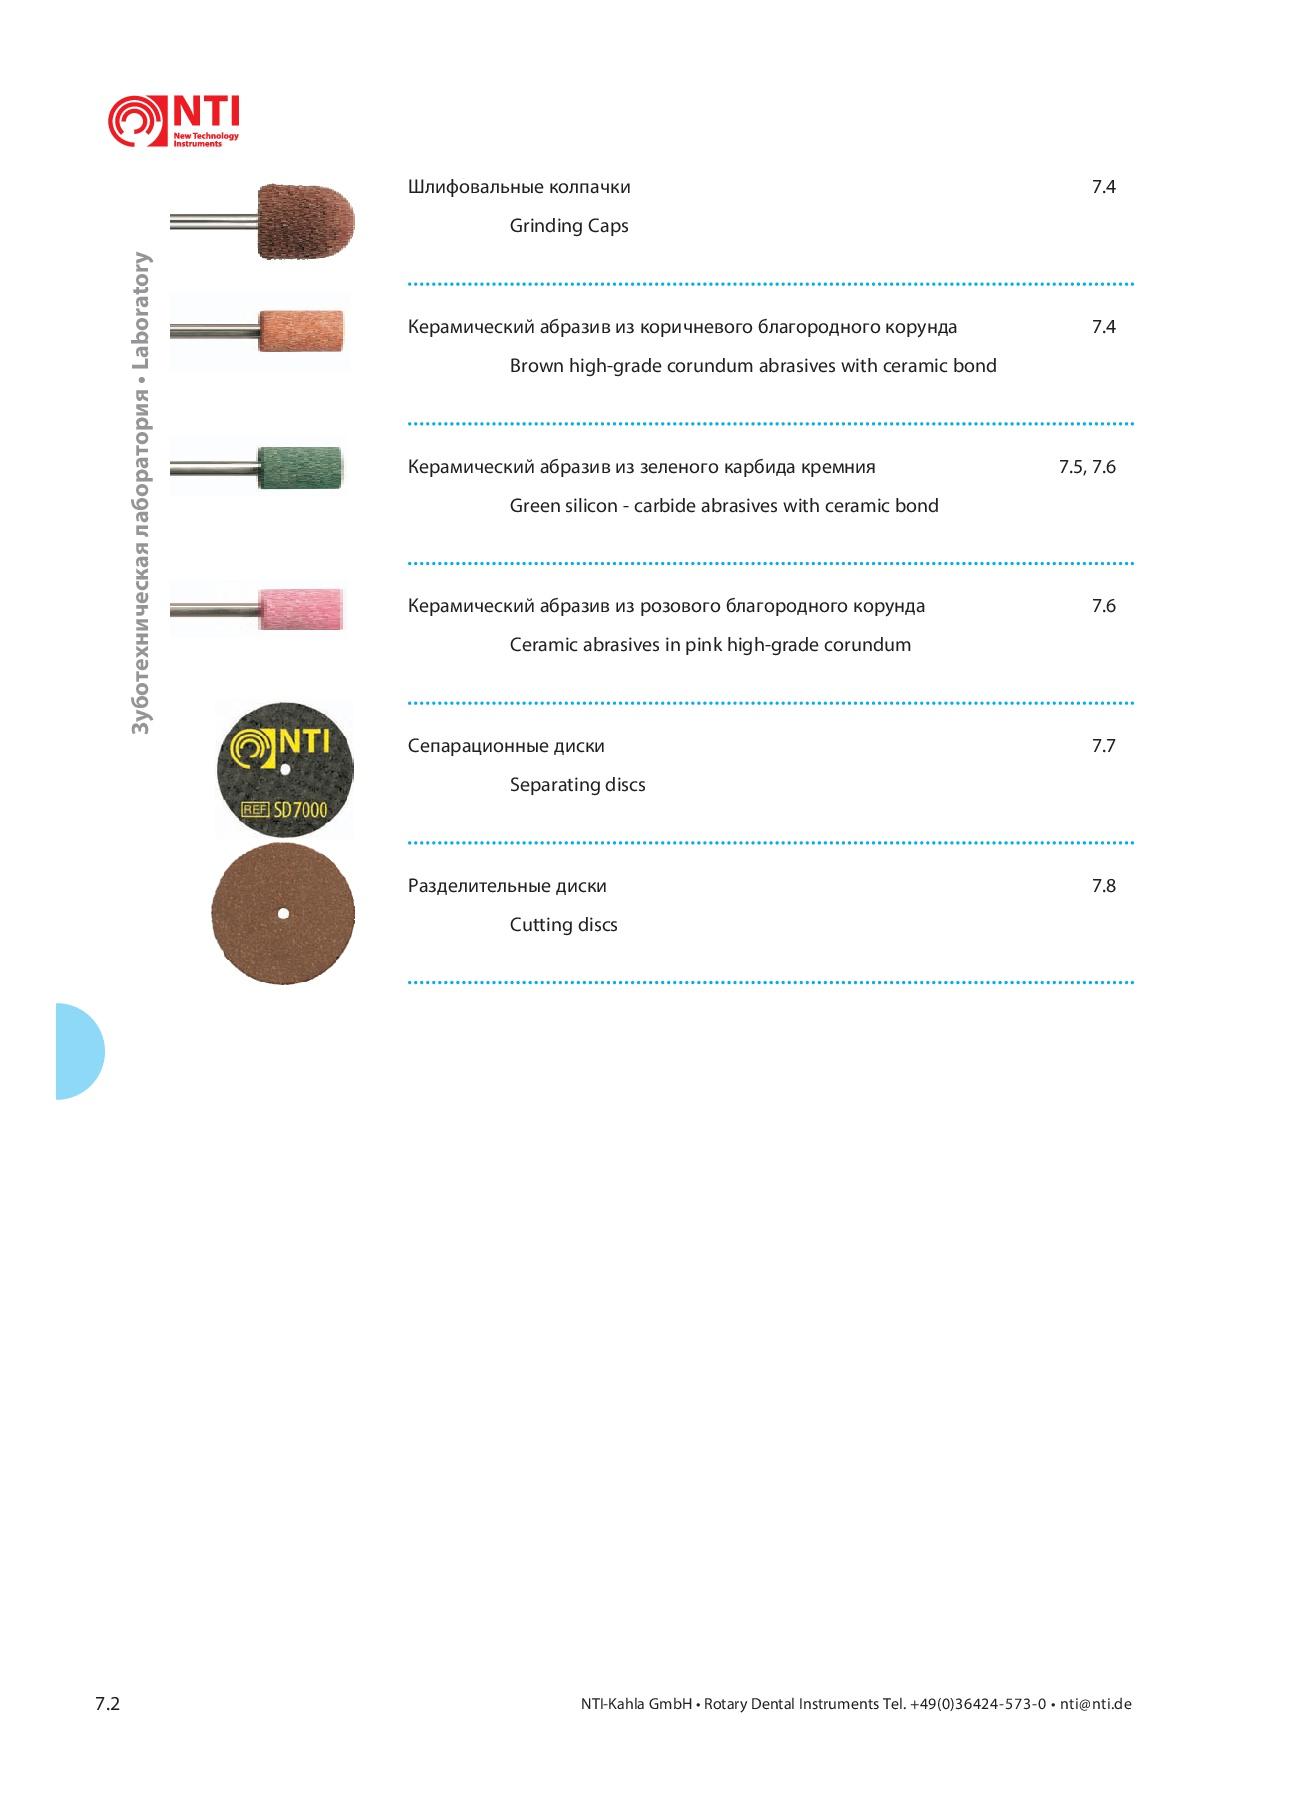 Абразивы на керамической связке для лаборатории1